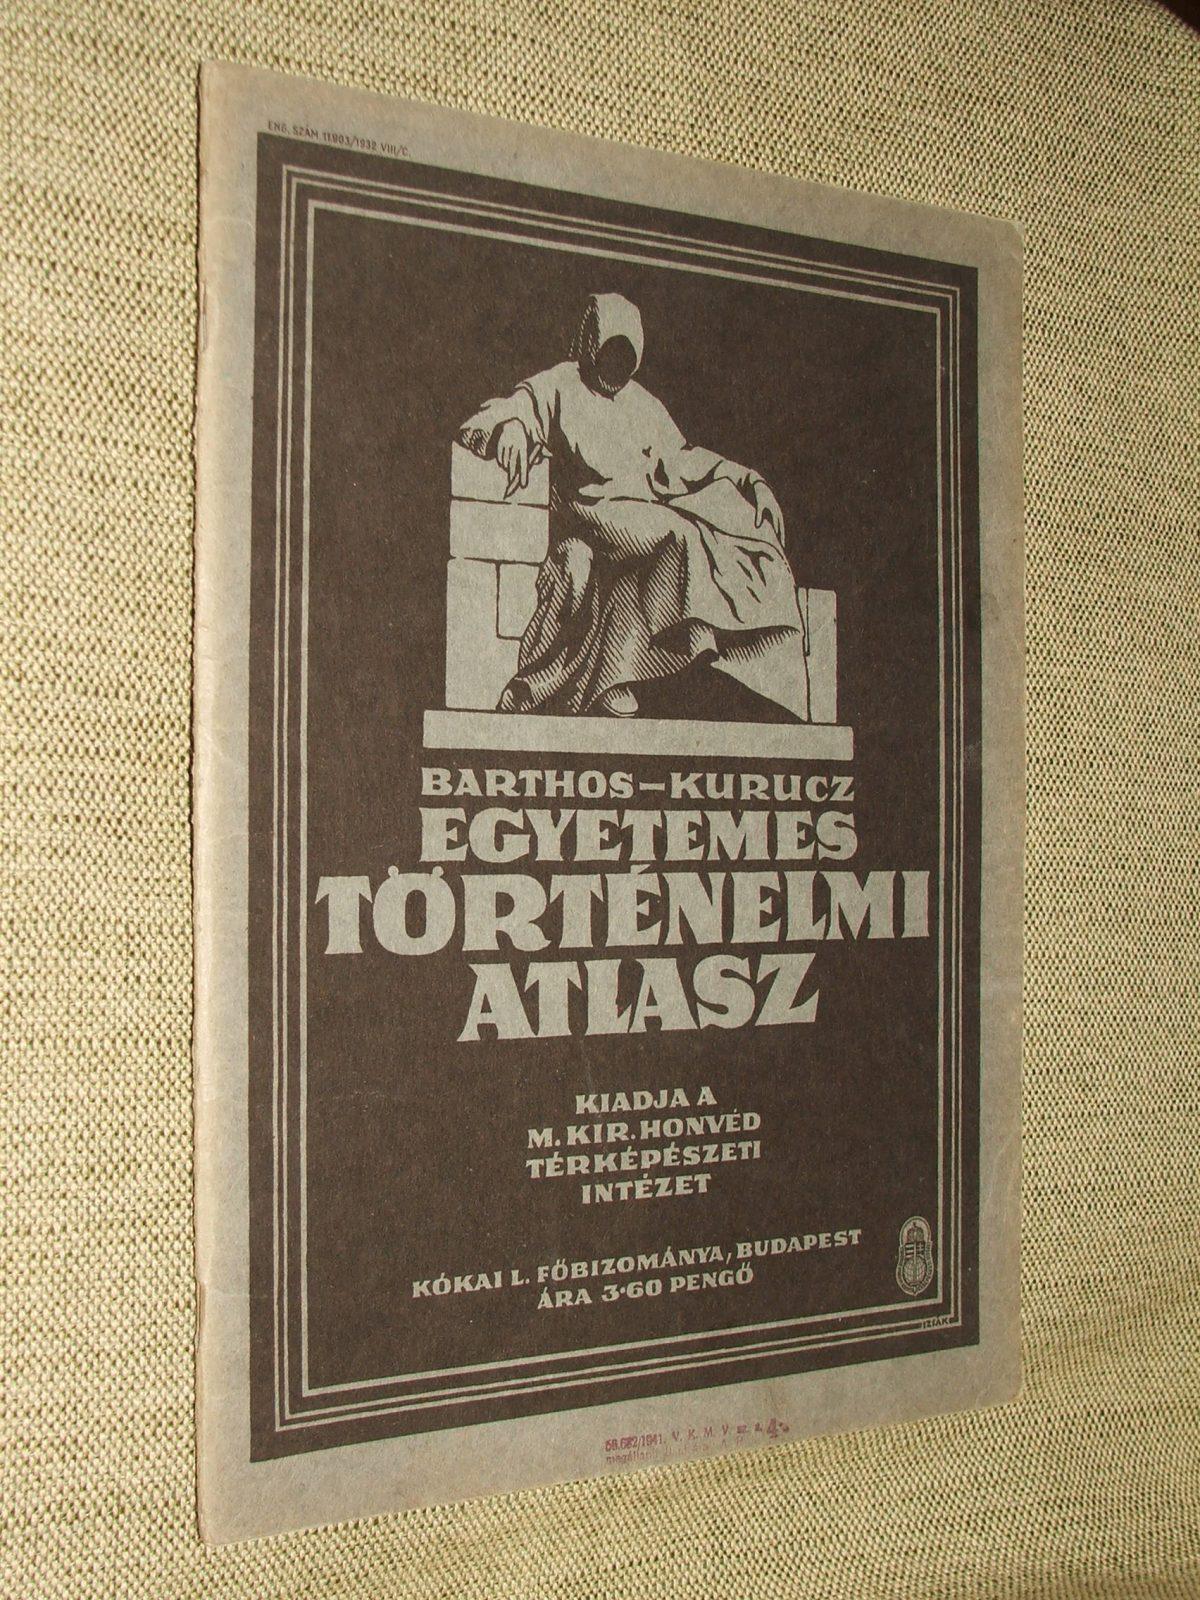 ALBISI BARTHOS Indár és KURUCZ György: Egyetemes történelmi atlasz